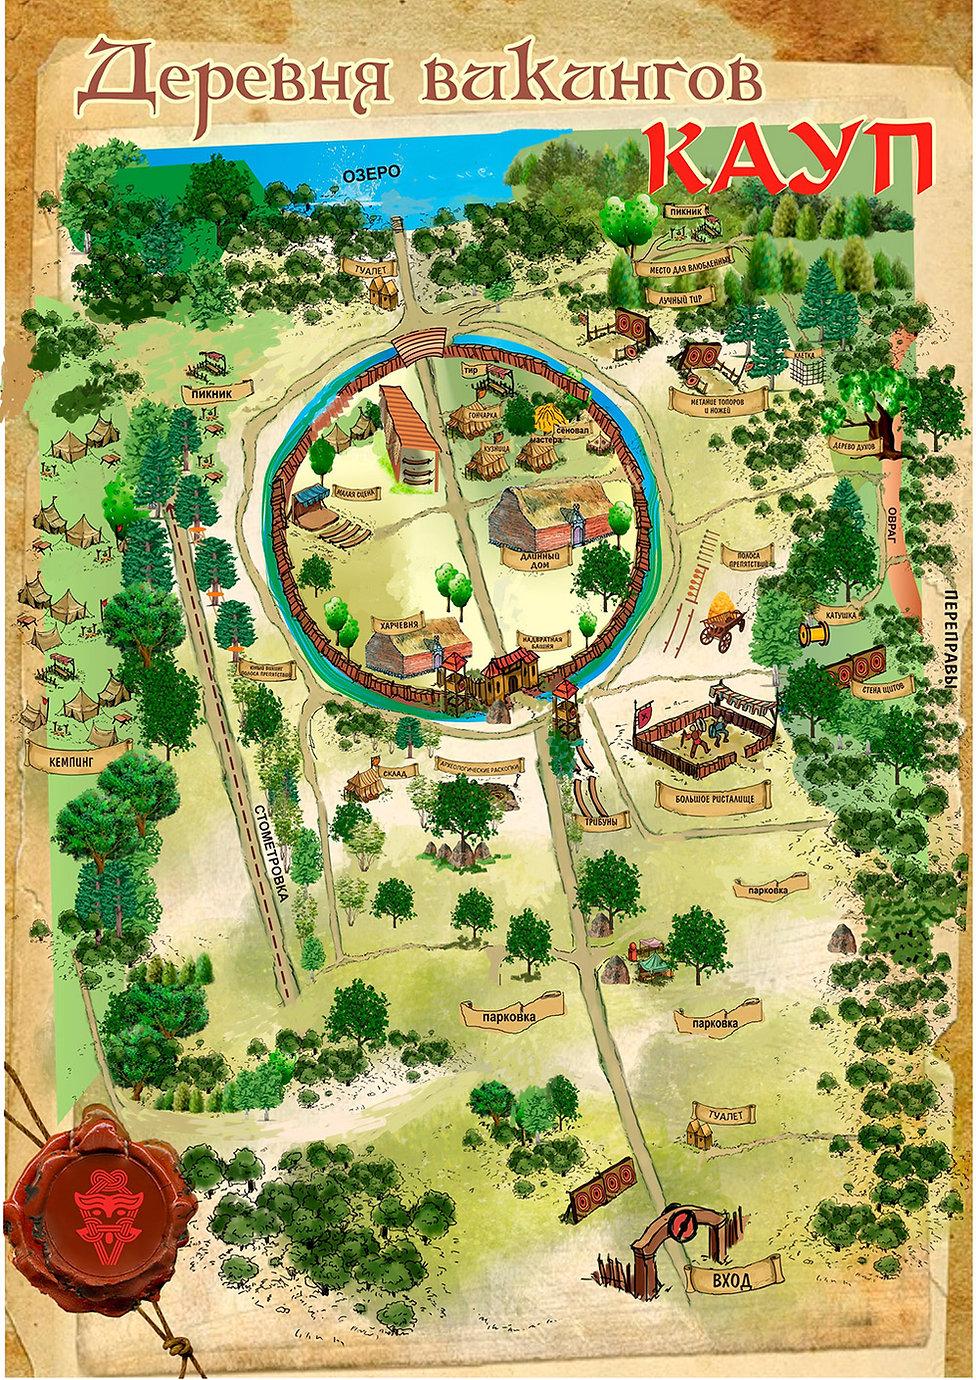 КартаКауп.jpg